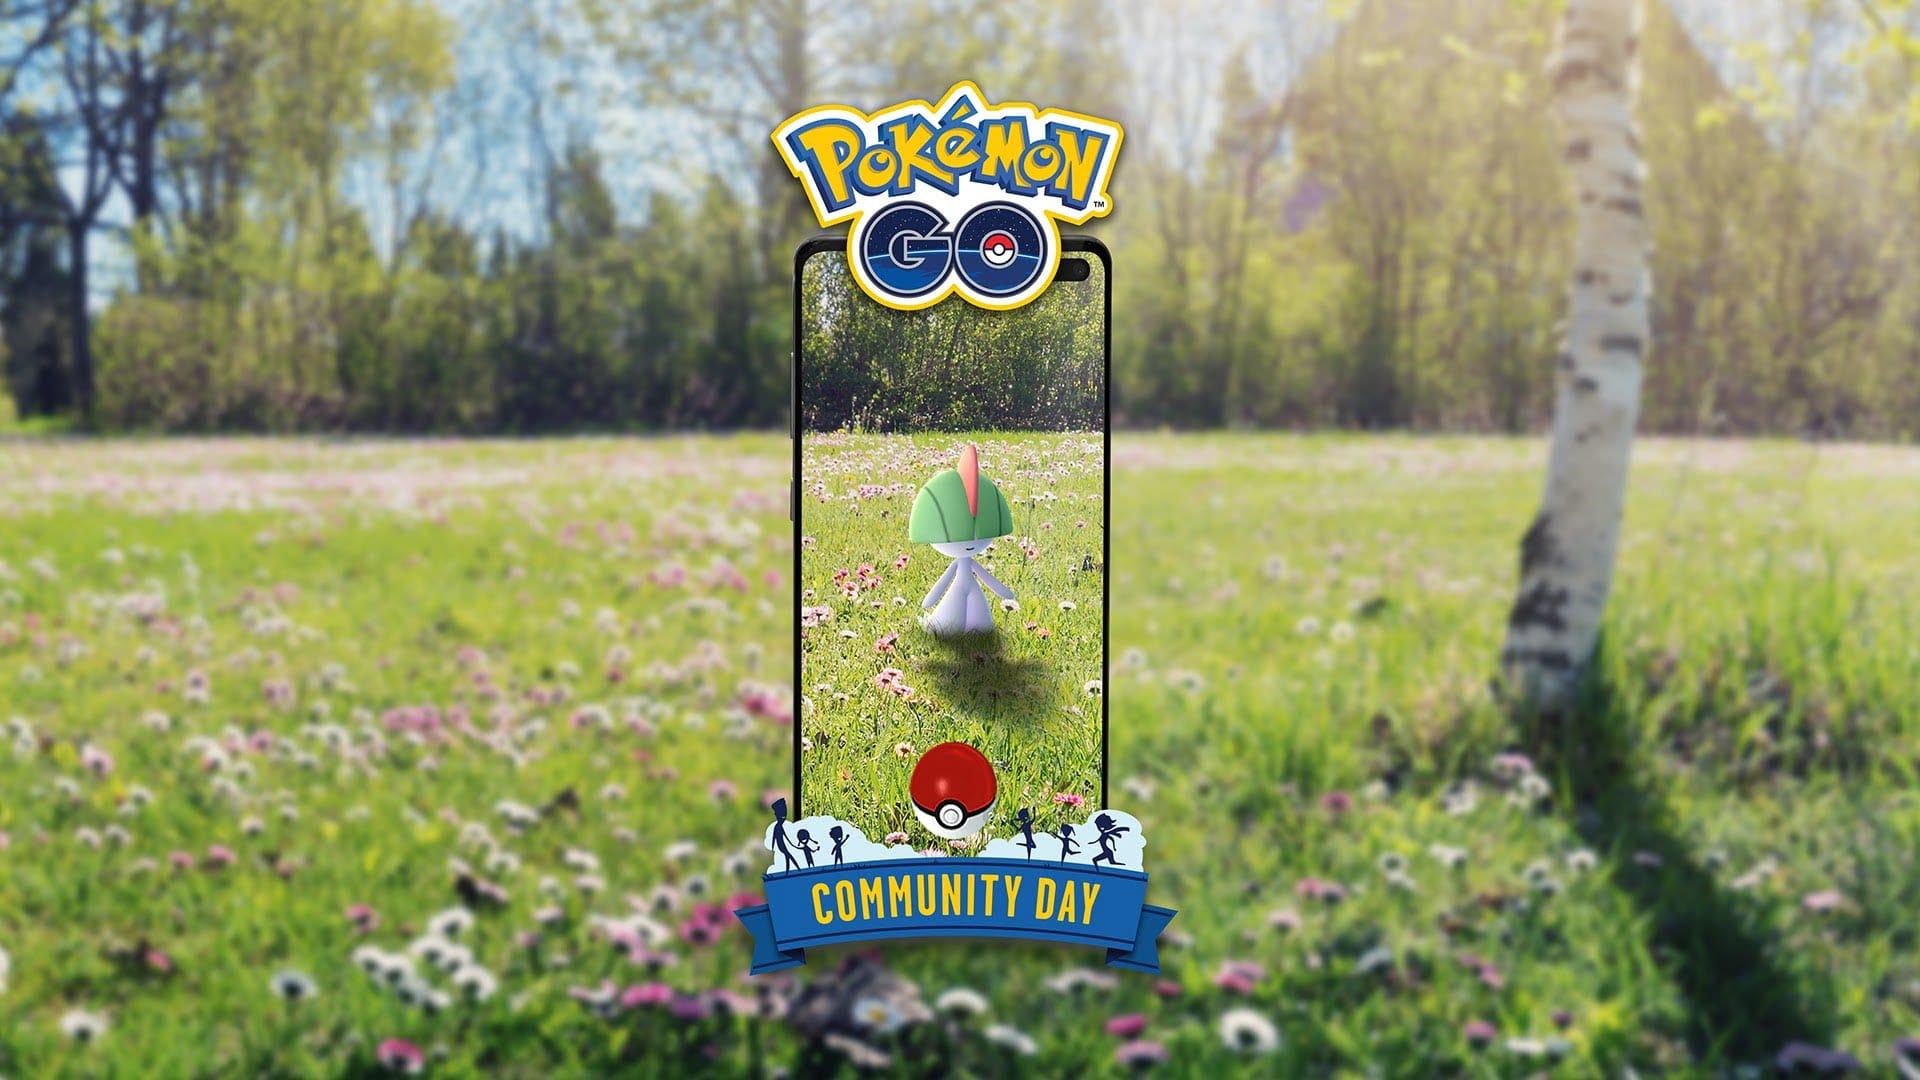 Pokemon Go Evento del Día de la Comunidad de Ralts, Gardevoir y Gallade